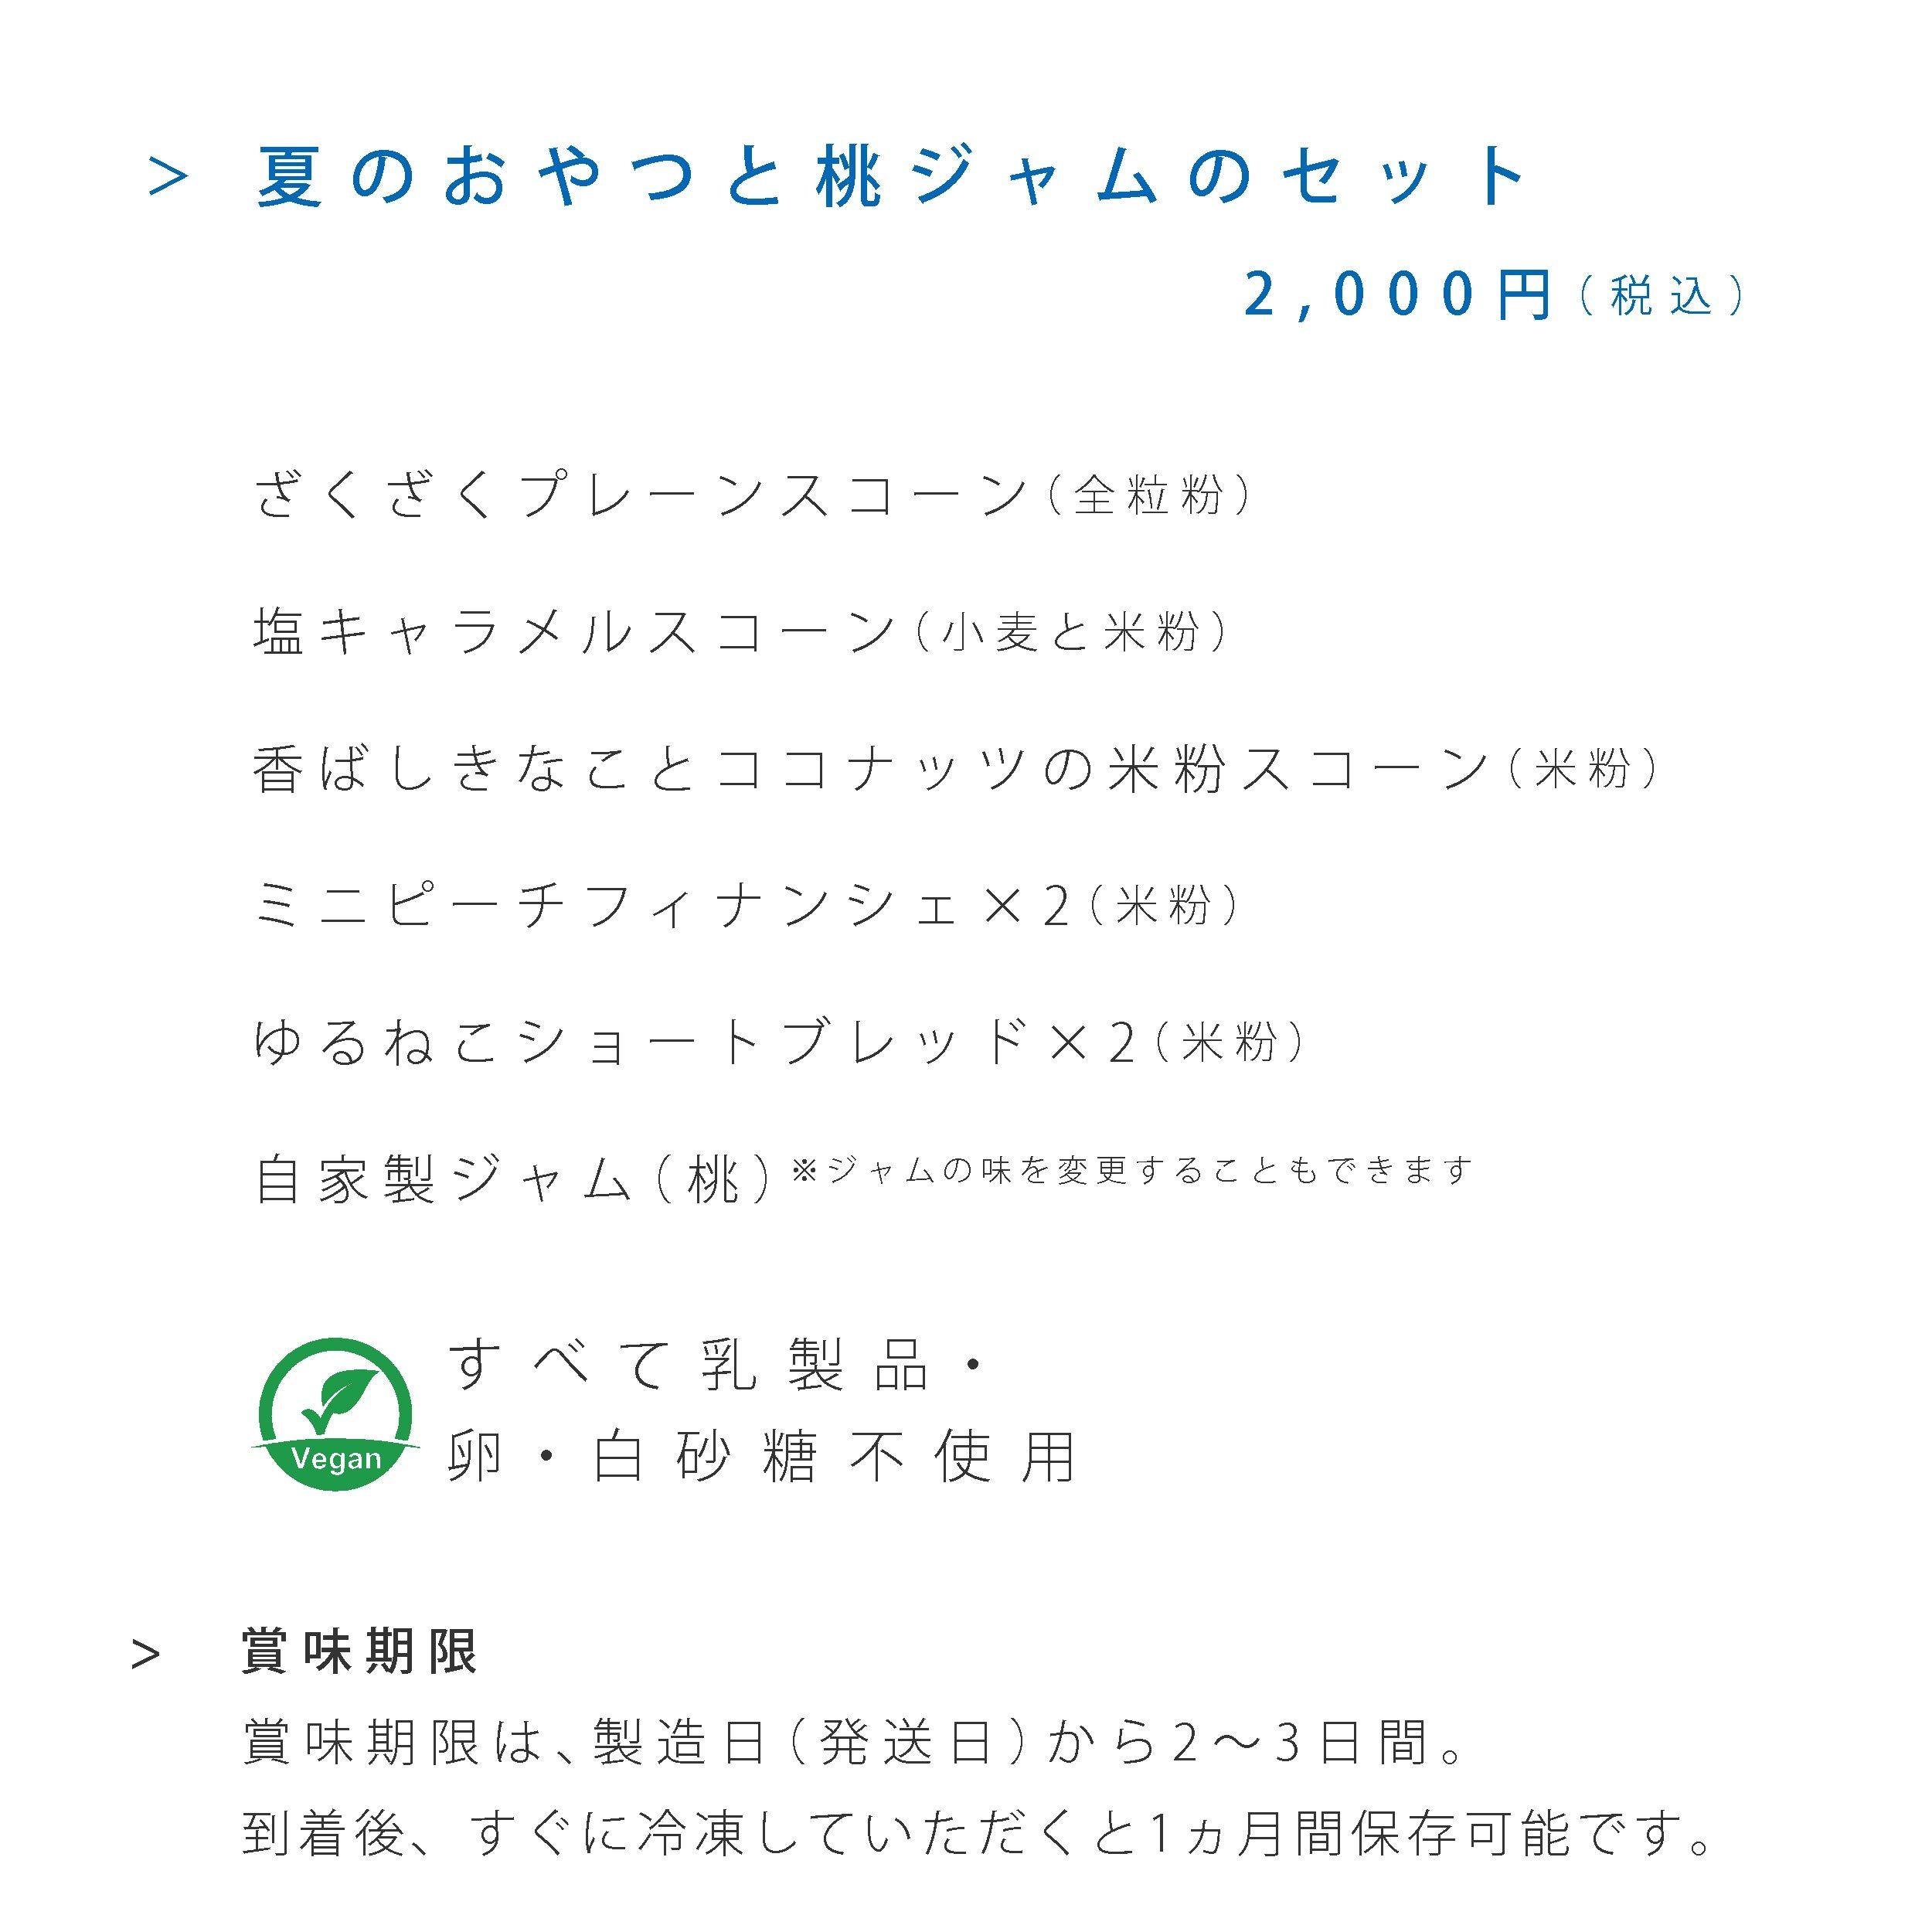 夏のおやつと桃ジャムのセット予約販売!_e0375286_19193079.jpg